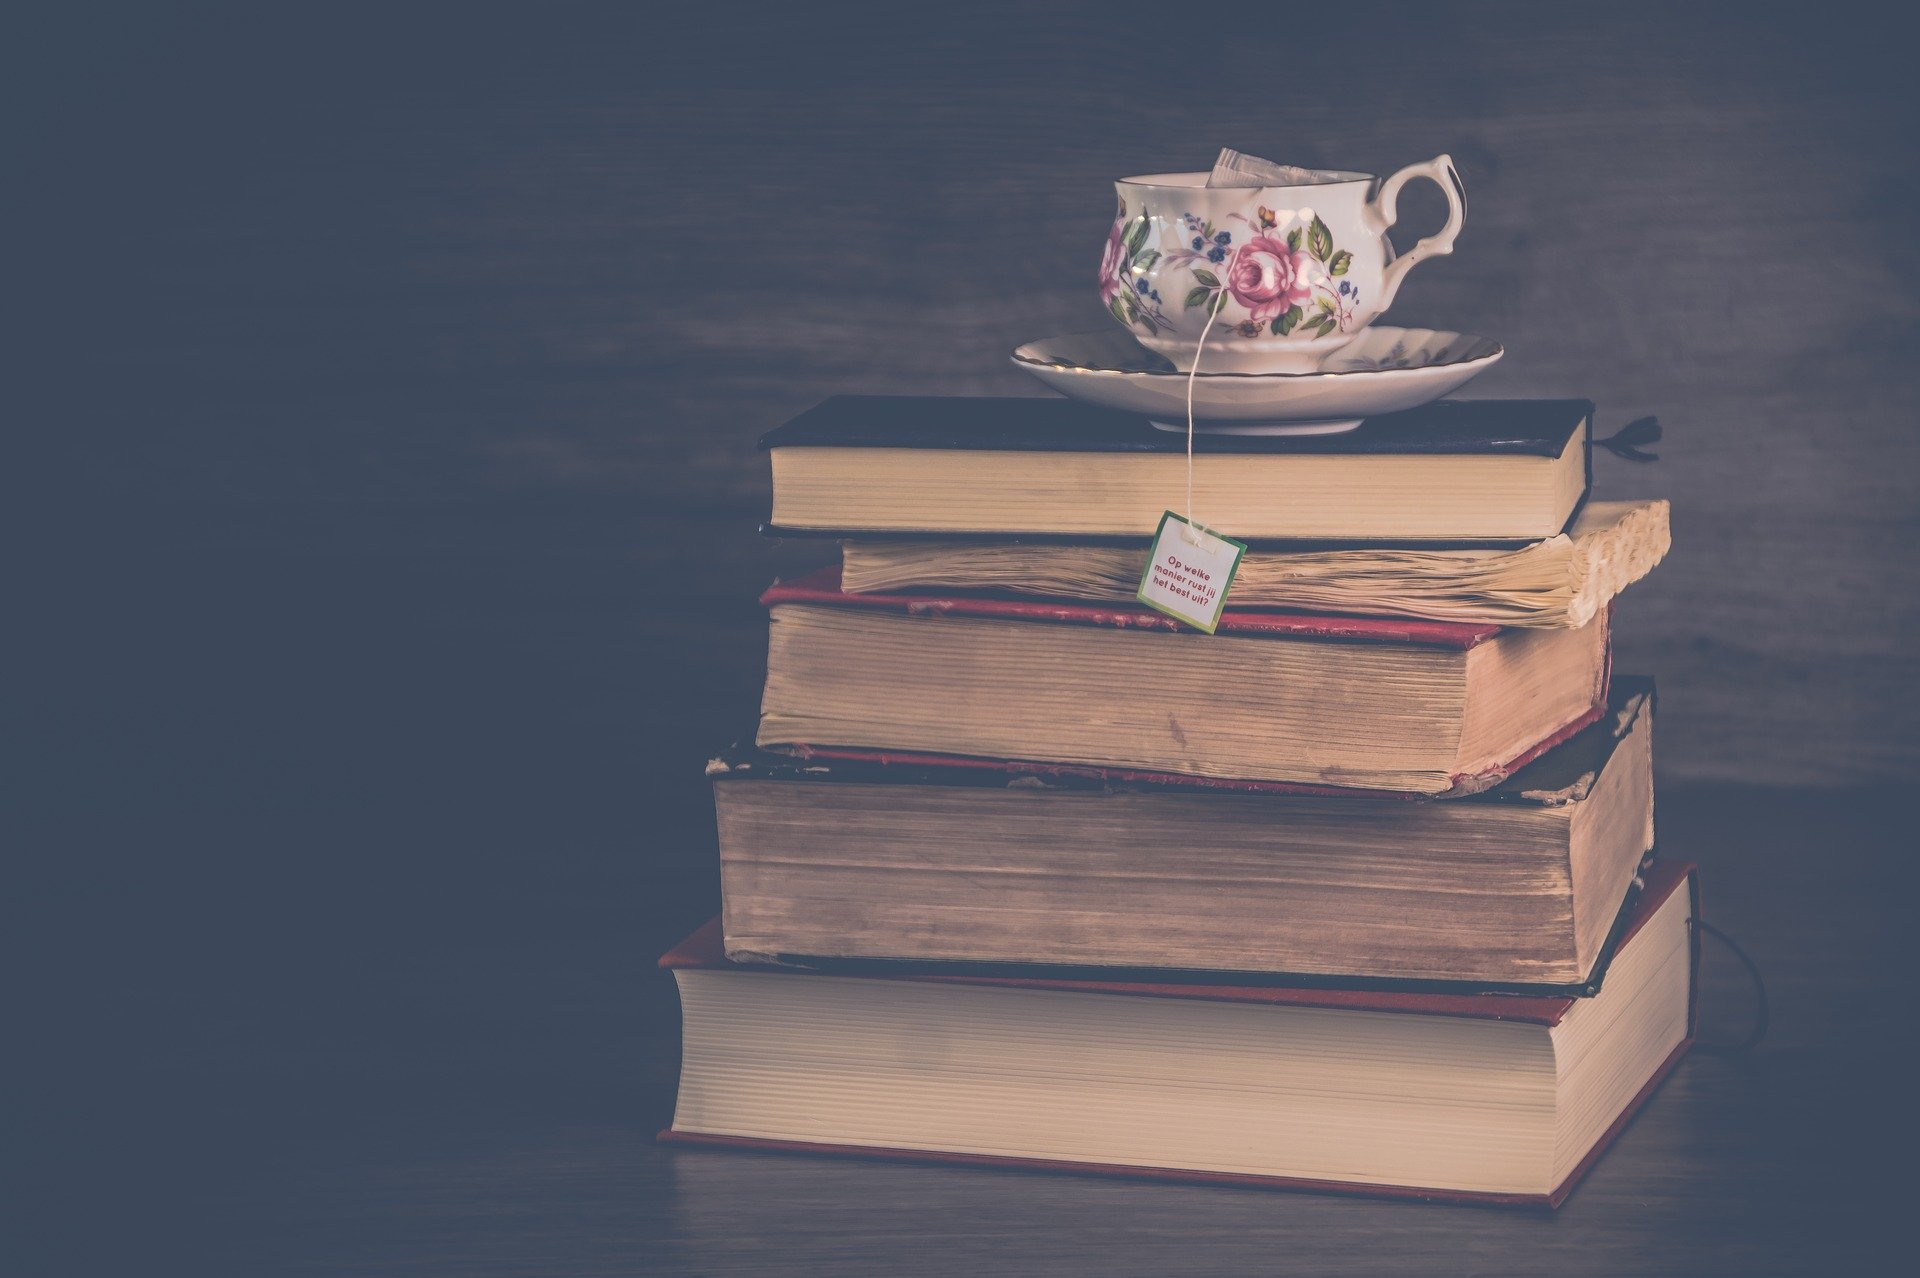 Indicação: livros para refletir sobre a morte e o luto